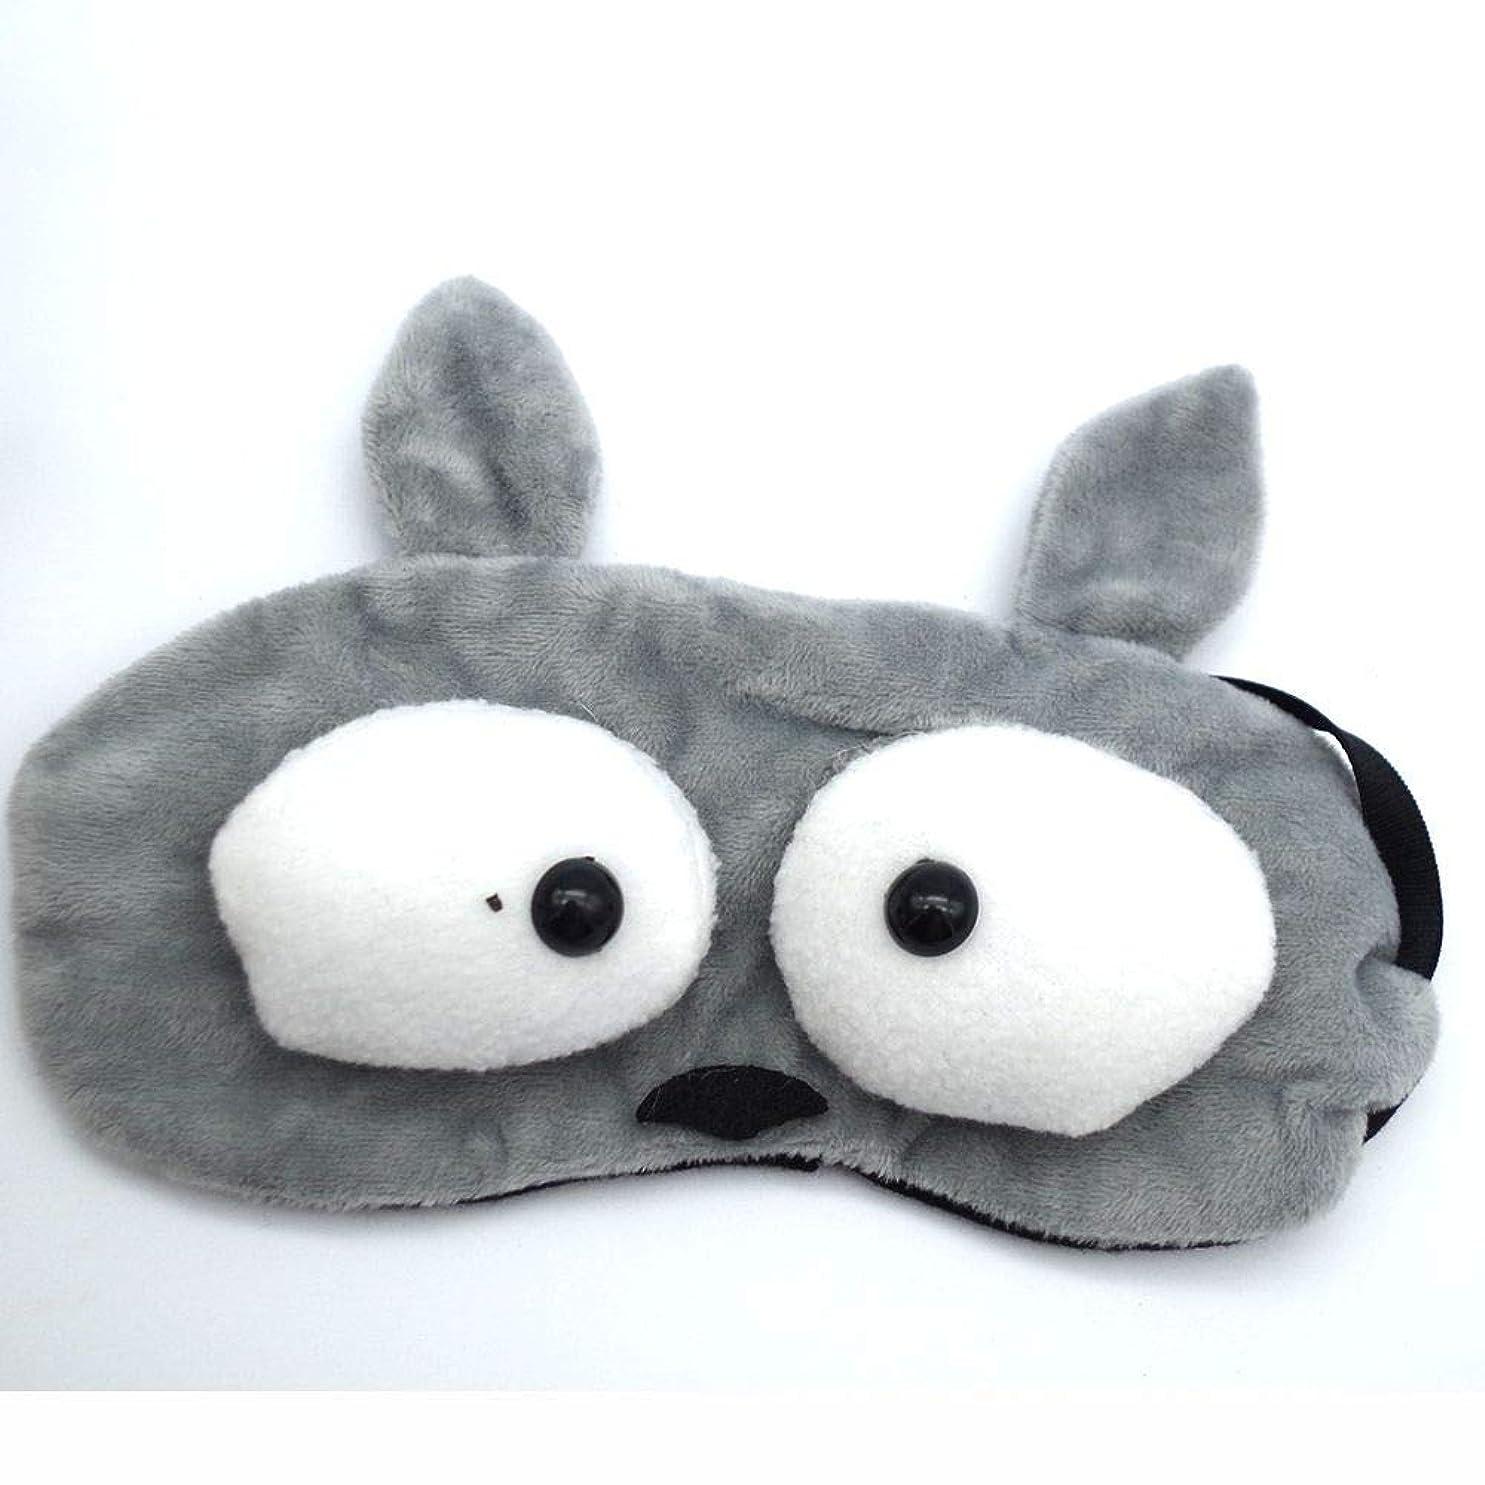 敏感な道に迷いましたアソシエイトNOTE 1ピースかわいい動物睡眠アイマスクパッド入りシェードカバーフランネル睡眠マスク休息旅行リラックス睡眠補助目隠しカバーアイパット